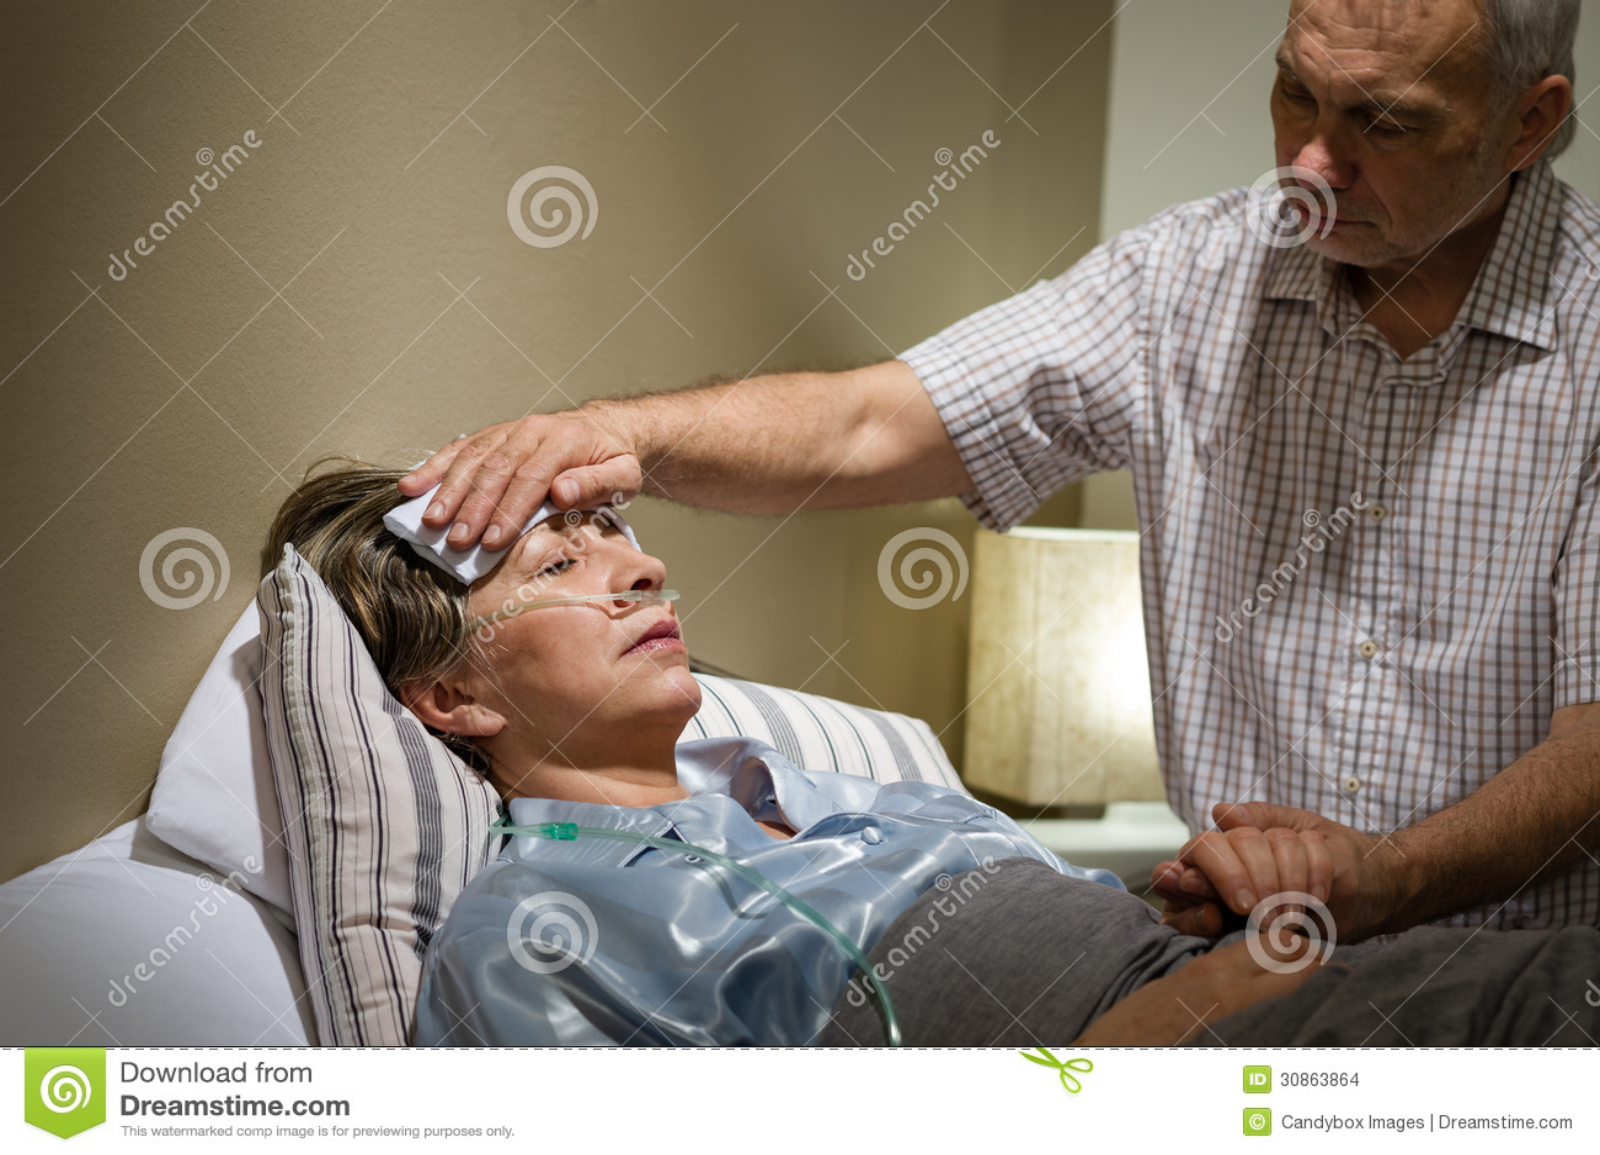 Как сделать человеку больно не покалечив его